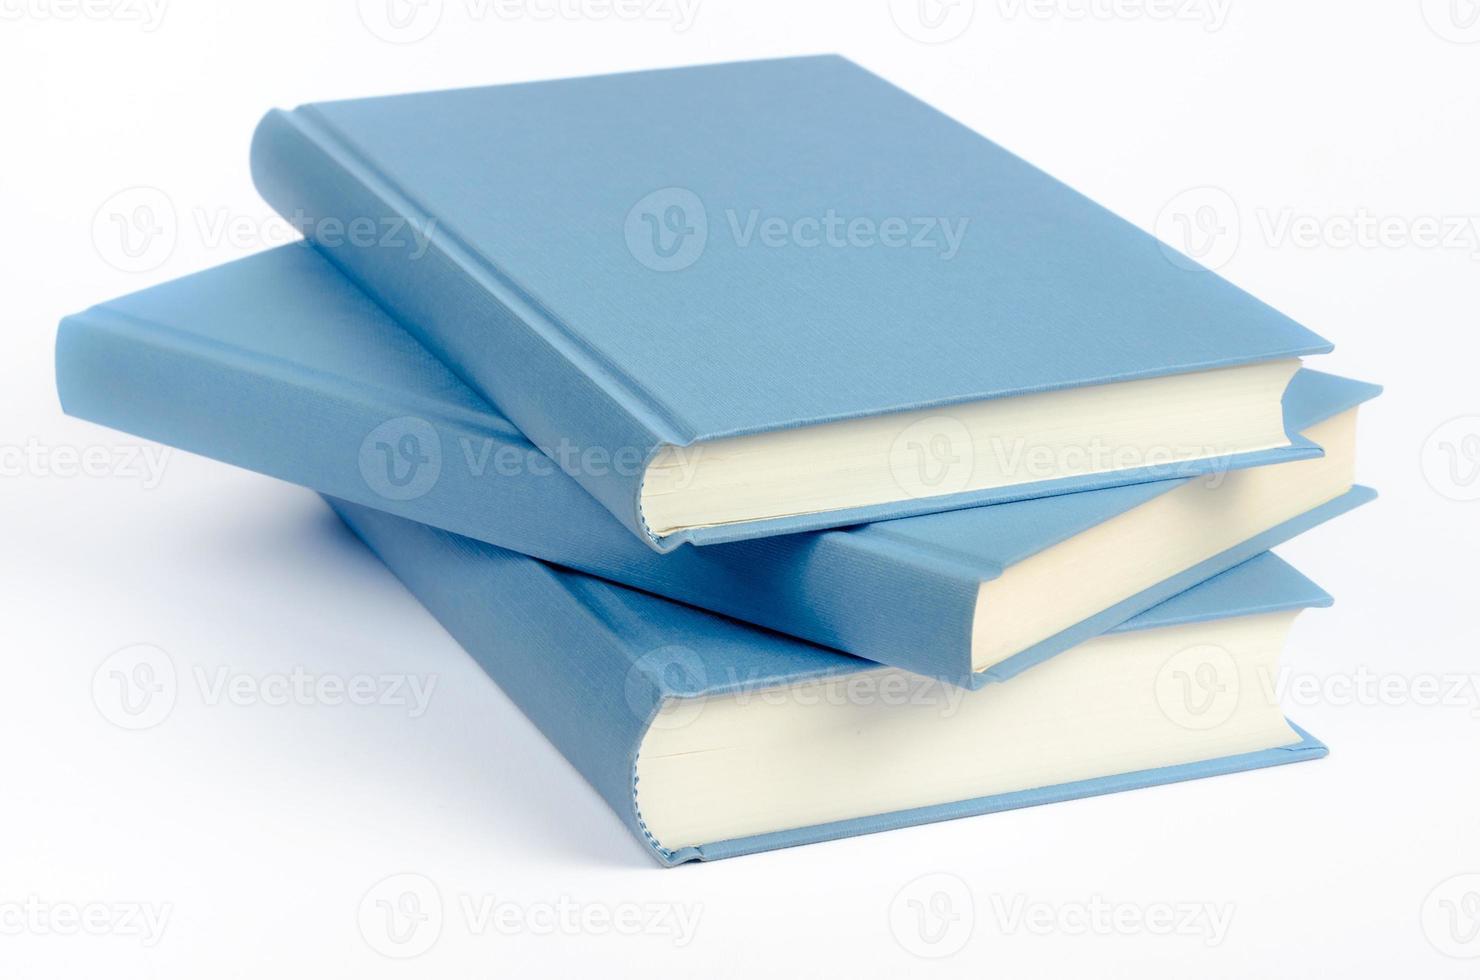 três livros azuis sobre um fundo branco foto